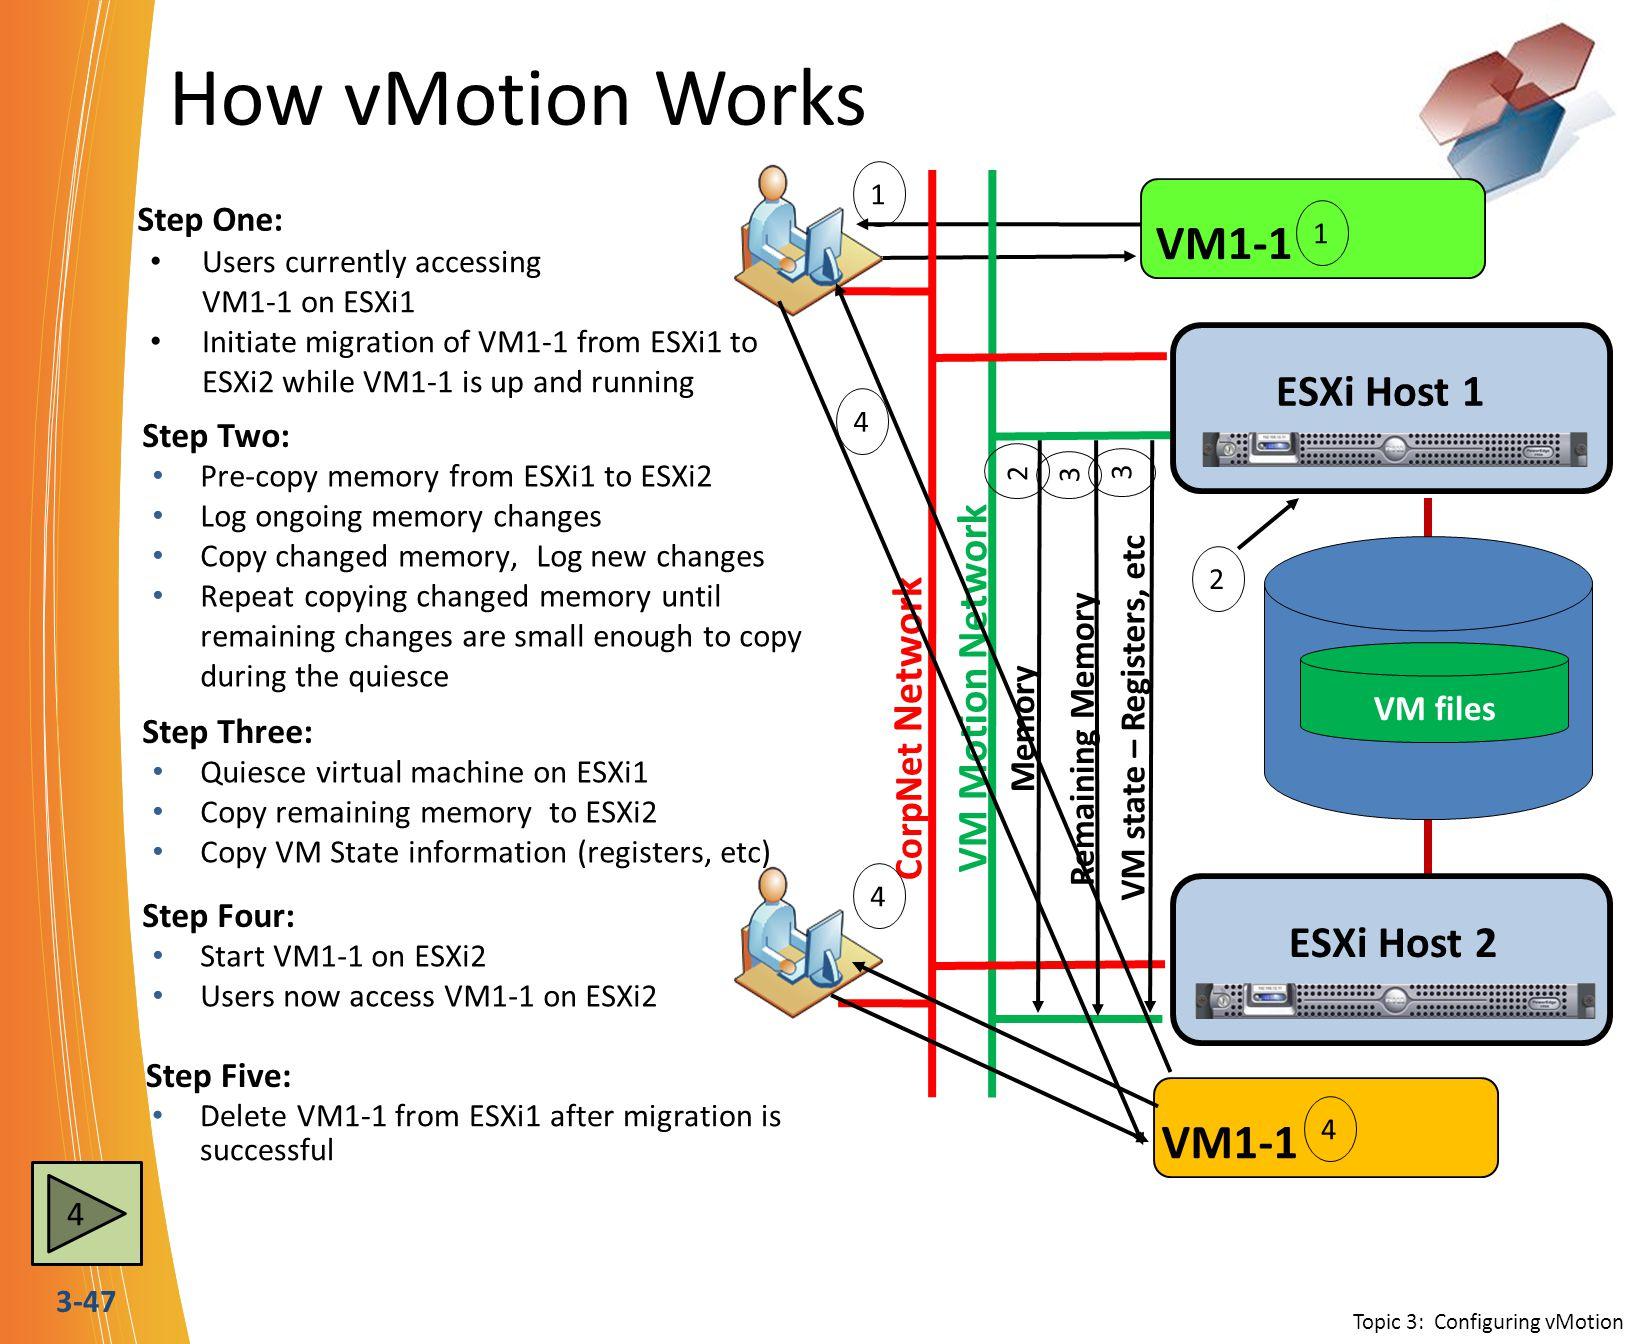 How vMotion Works VM1-1 VM1-1 ESXi Host 1 ESXi Host 2